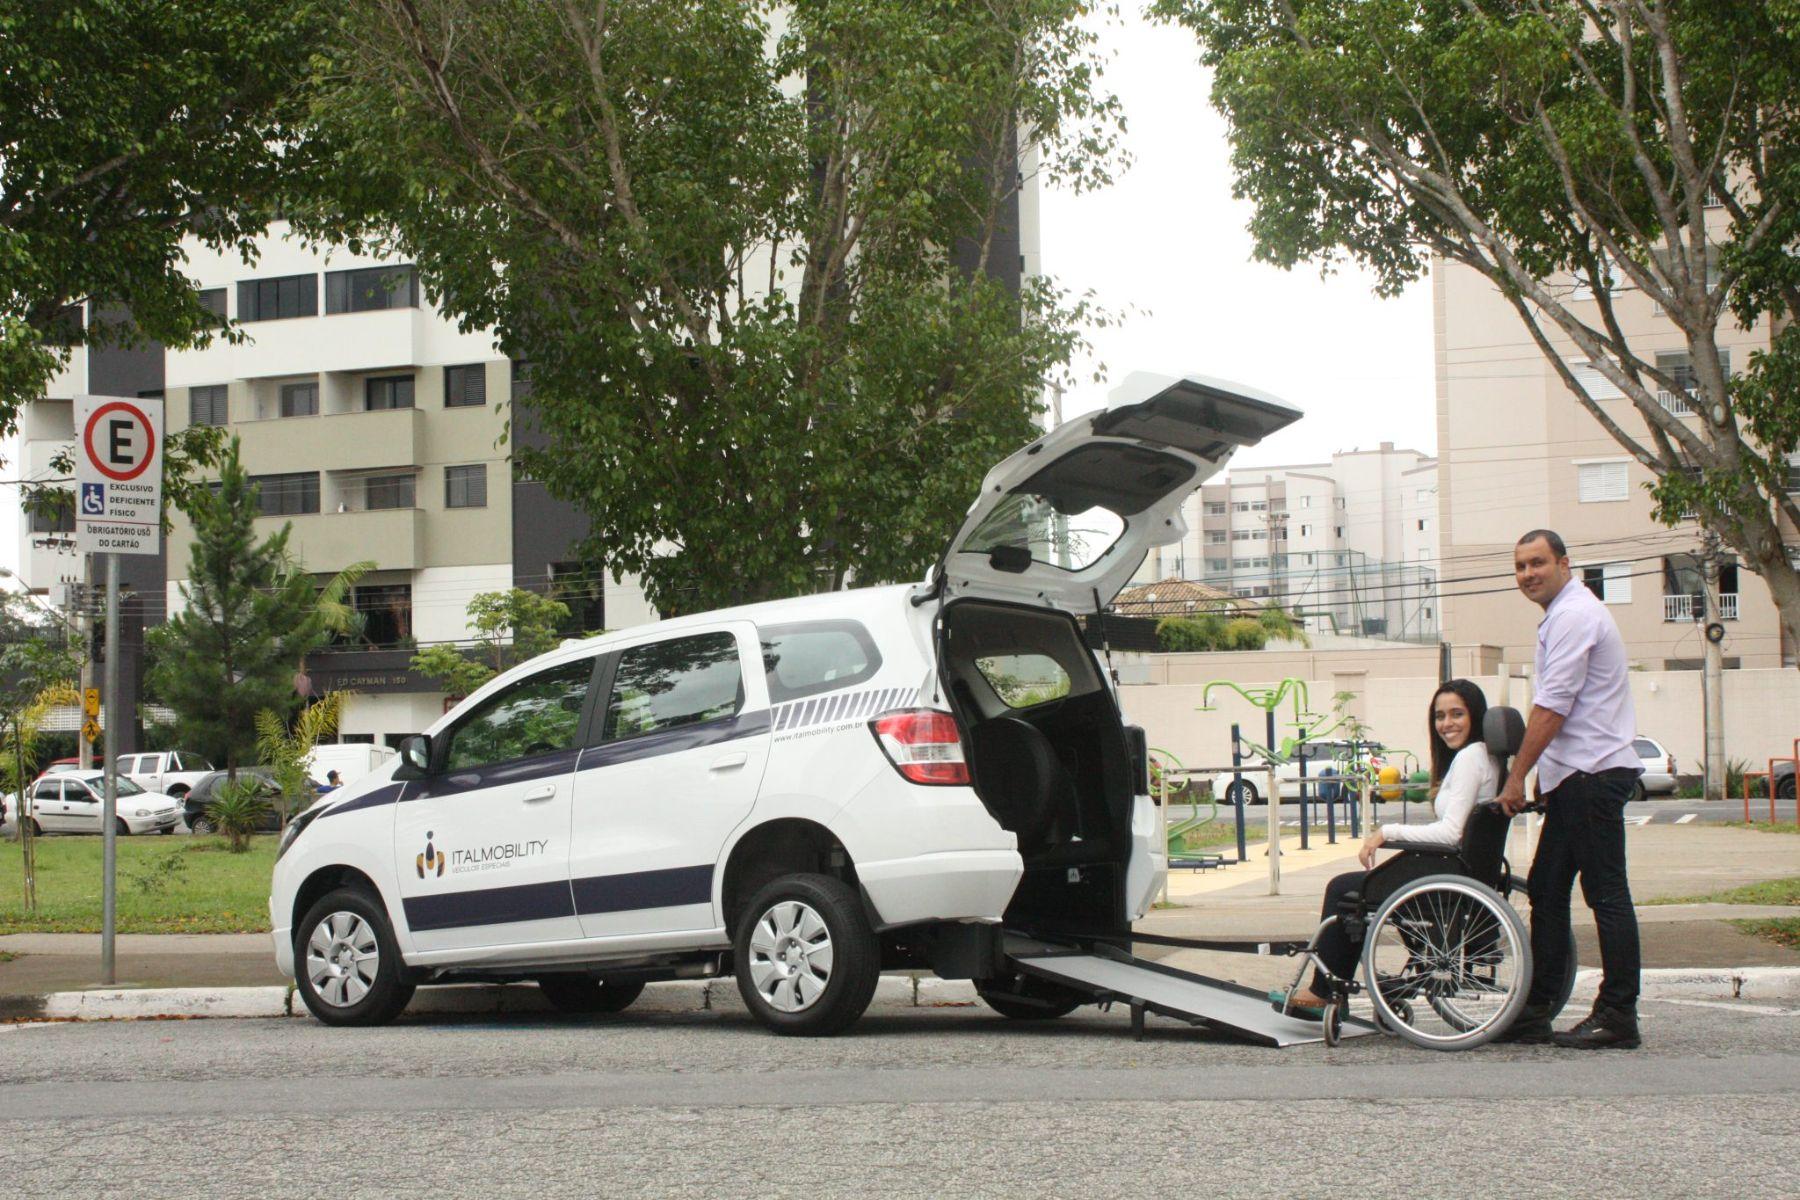 chevroelt spin branca adaptada para transporte de cadeirante itamobility